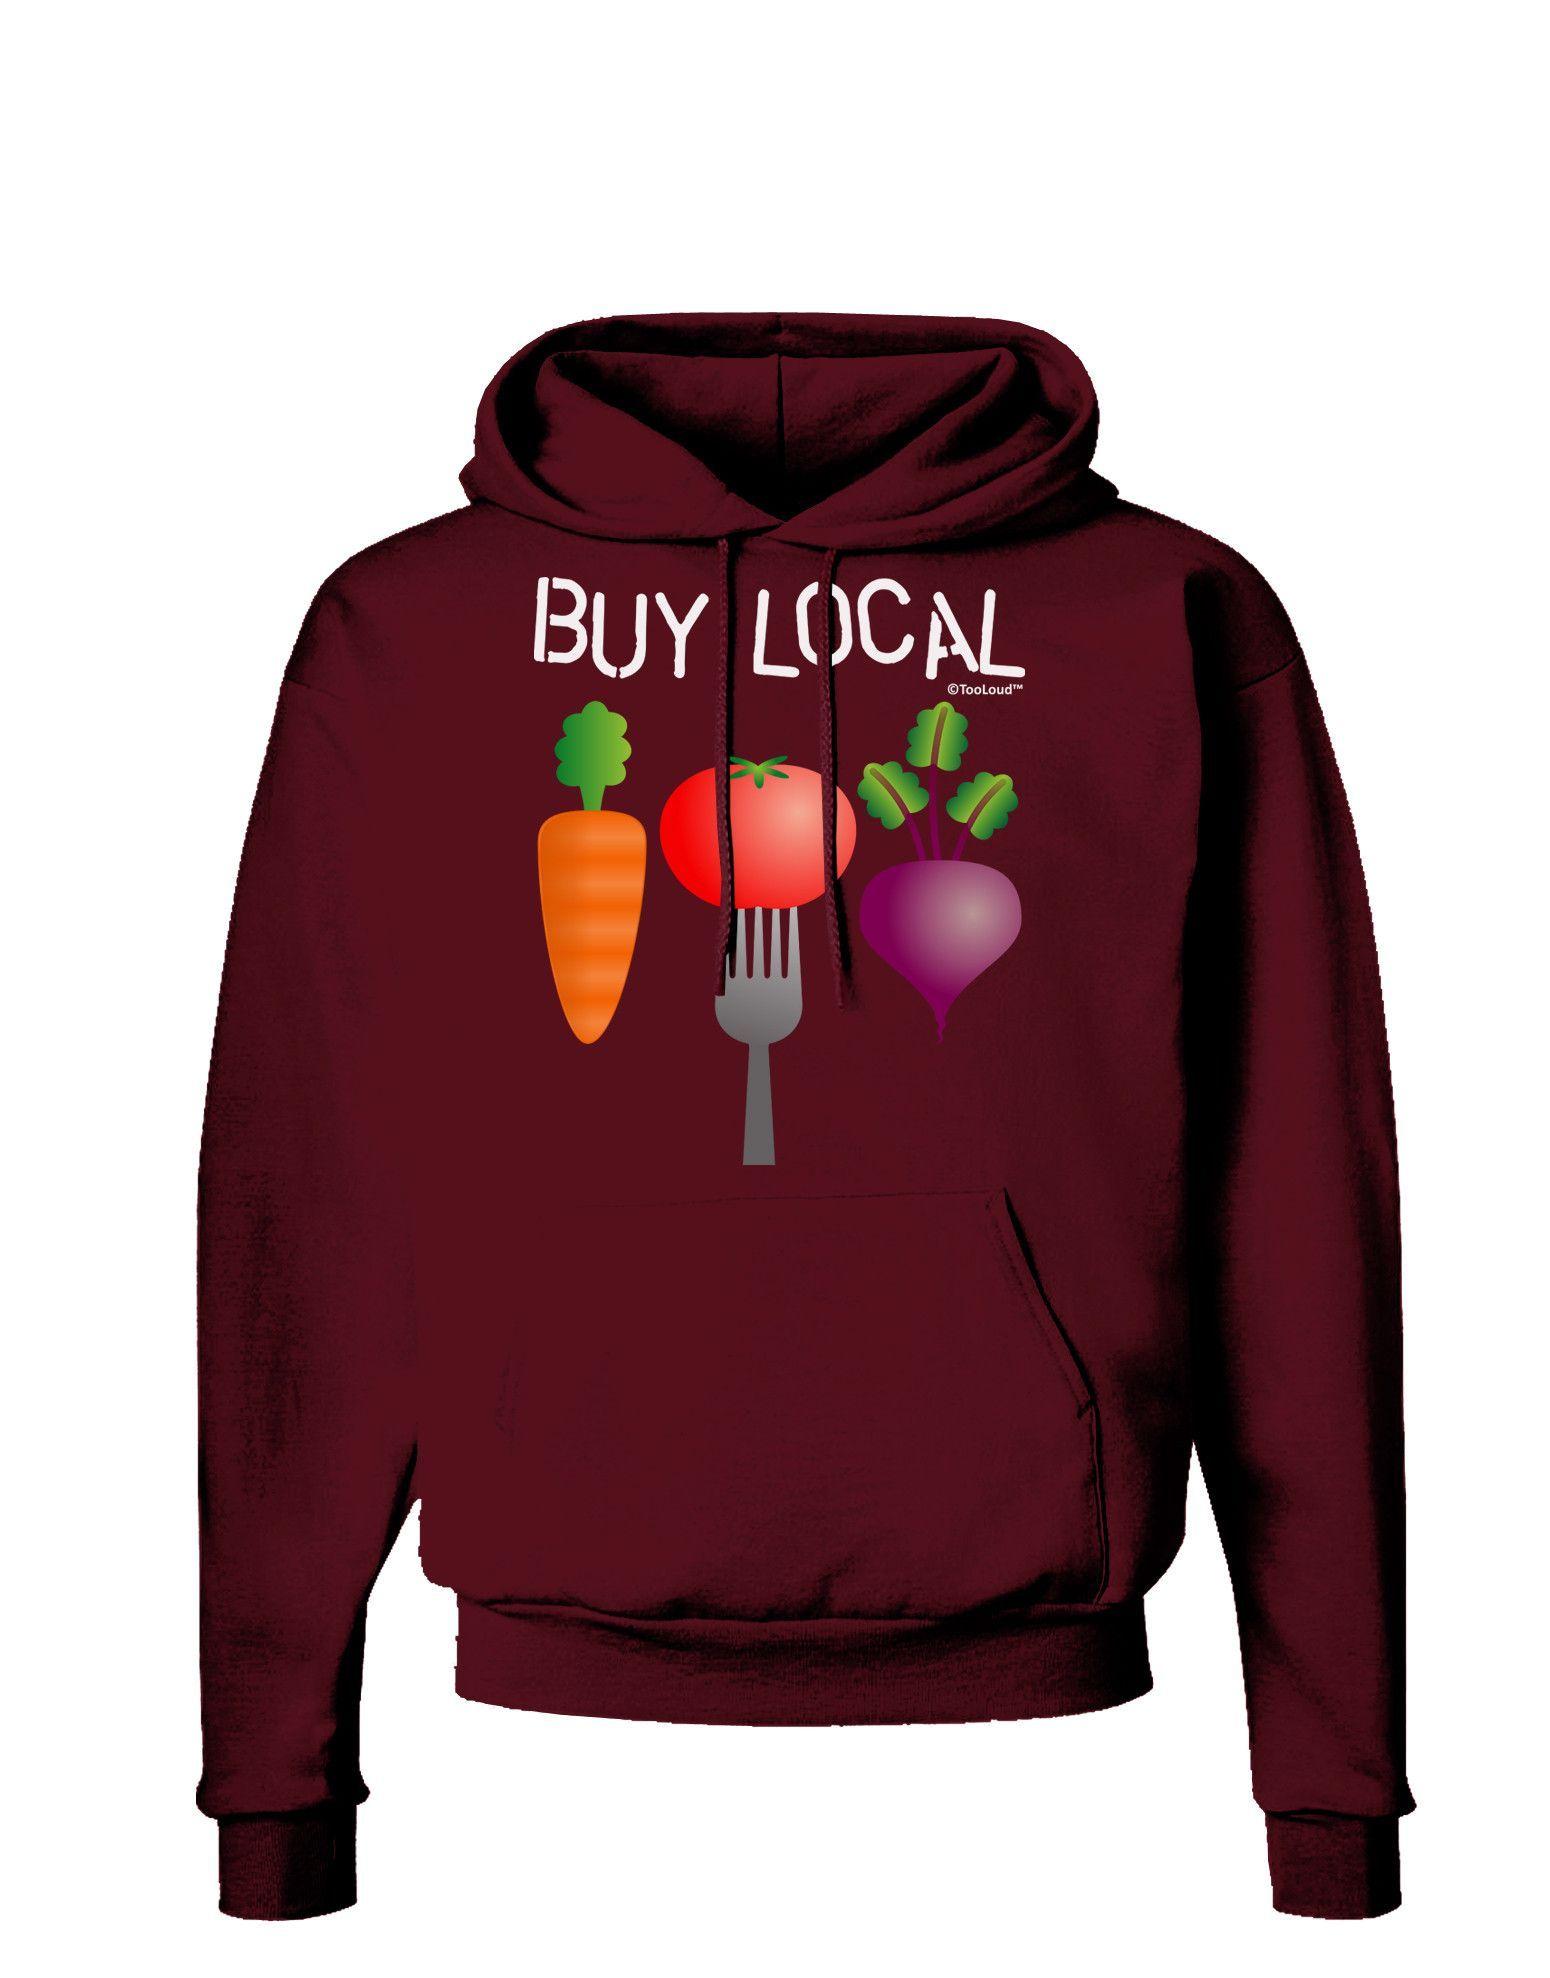 TooLoud Buy Local - Vegetables Design Dark Hoodie Sweatshirt